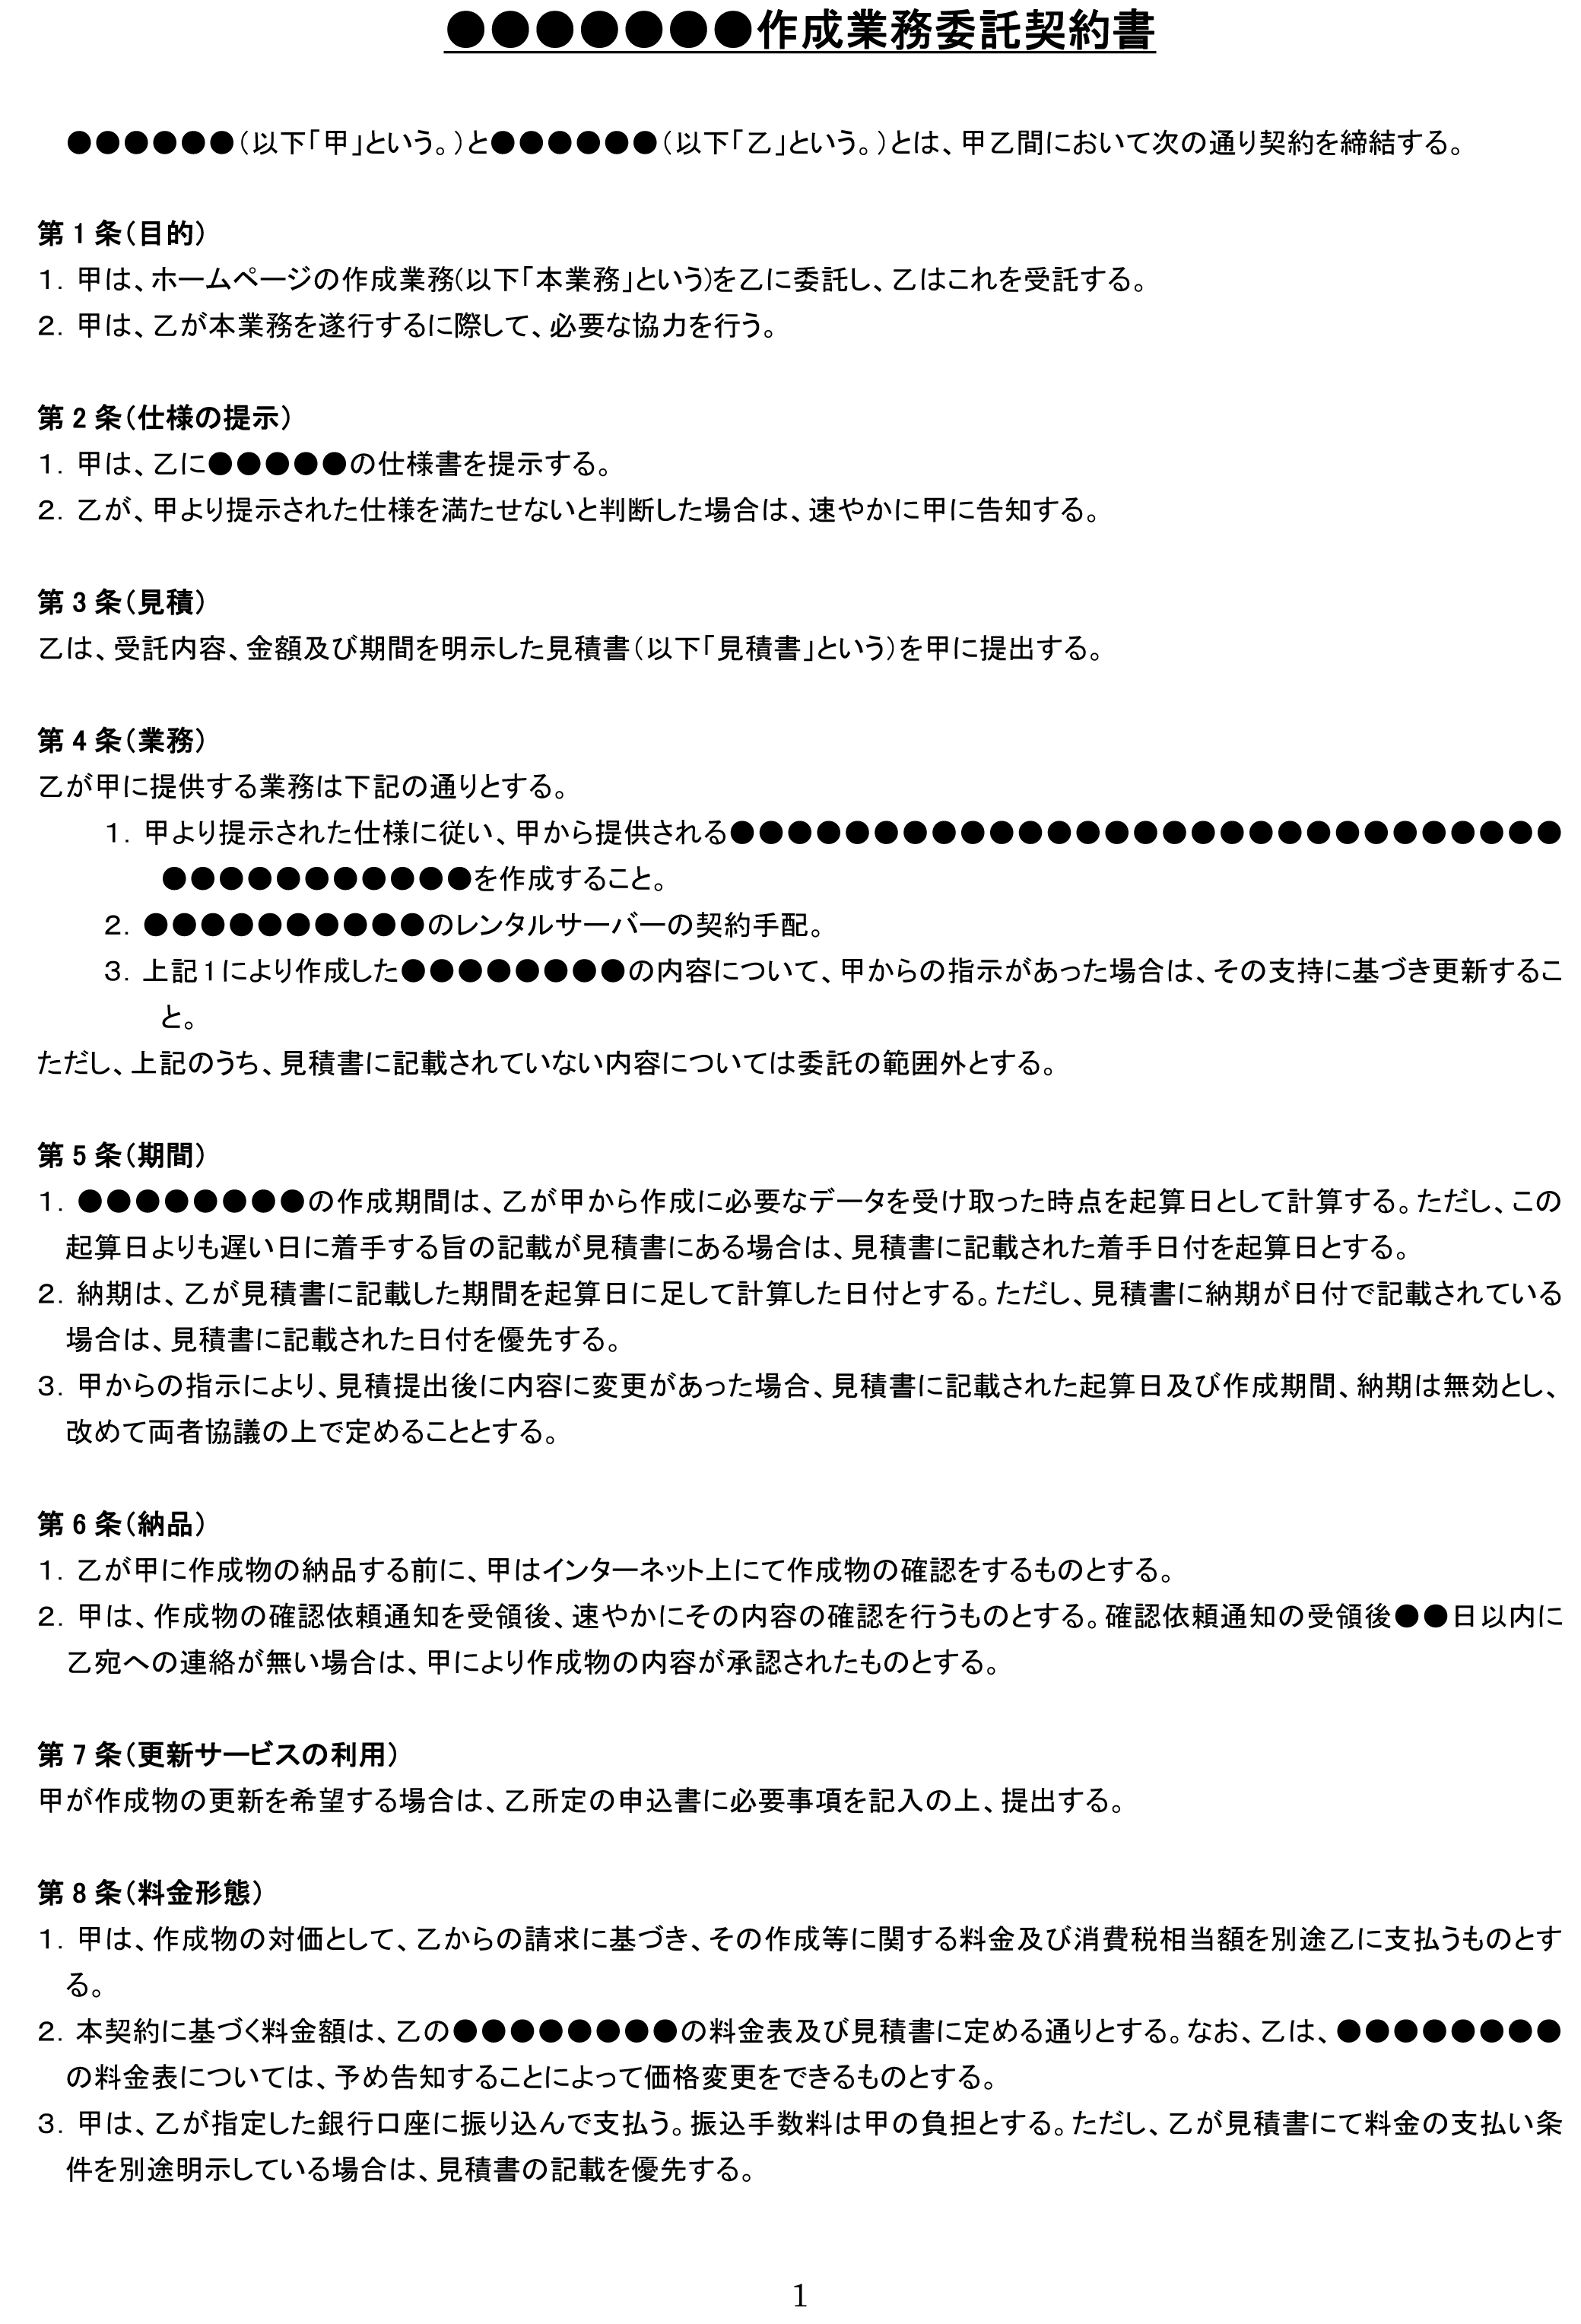 業務委託契約書のテンプレート書式5